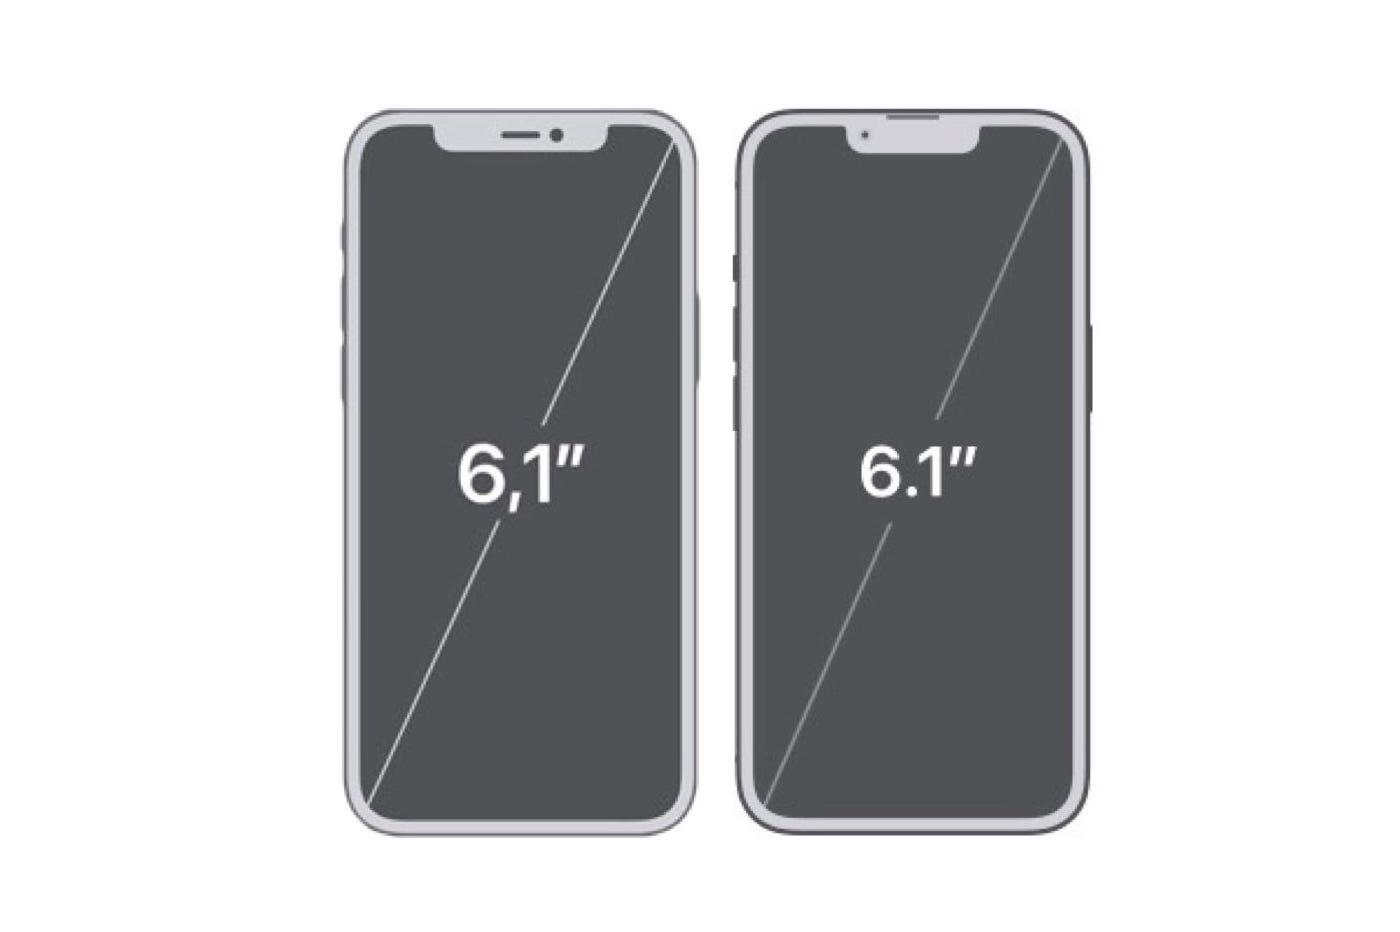 iPhone 12 à gauche, iPhone 13 à droite